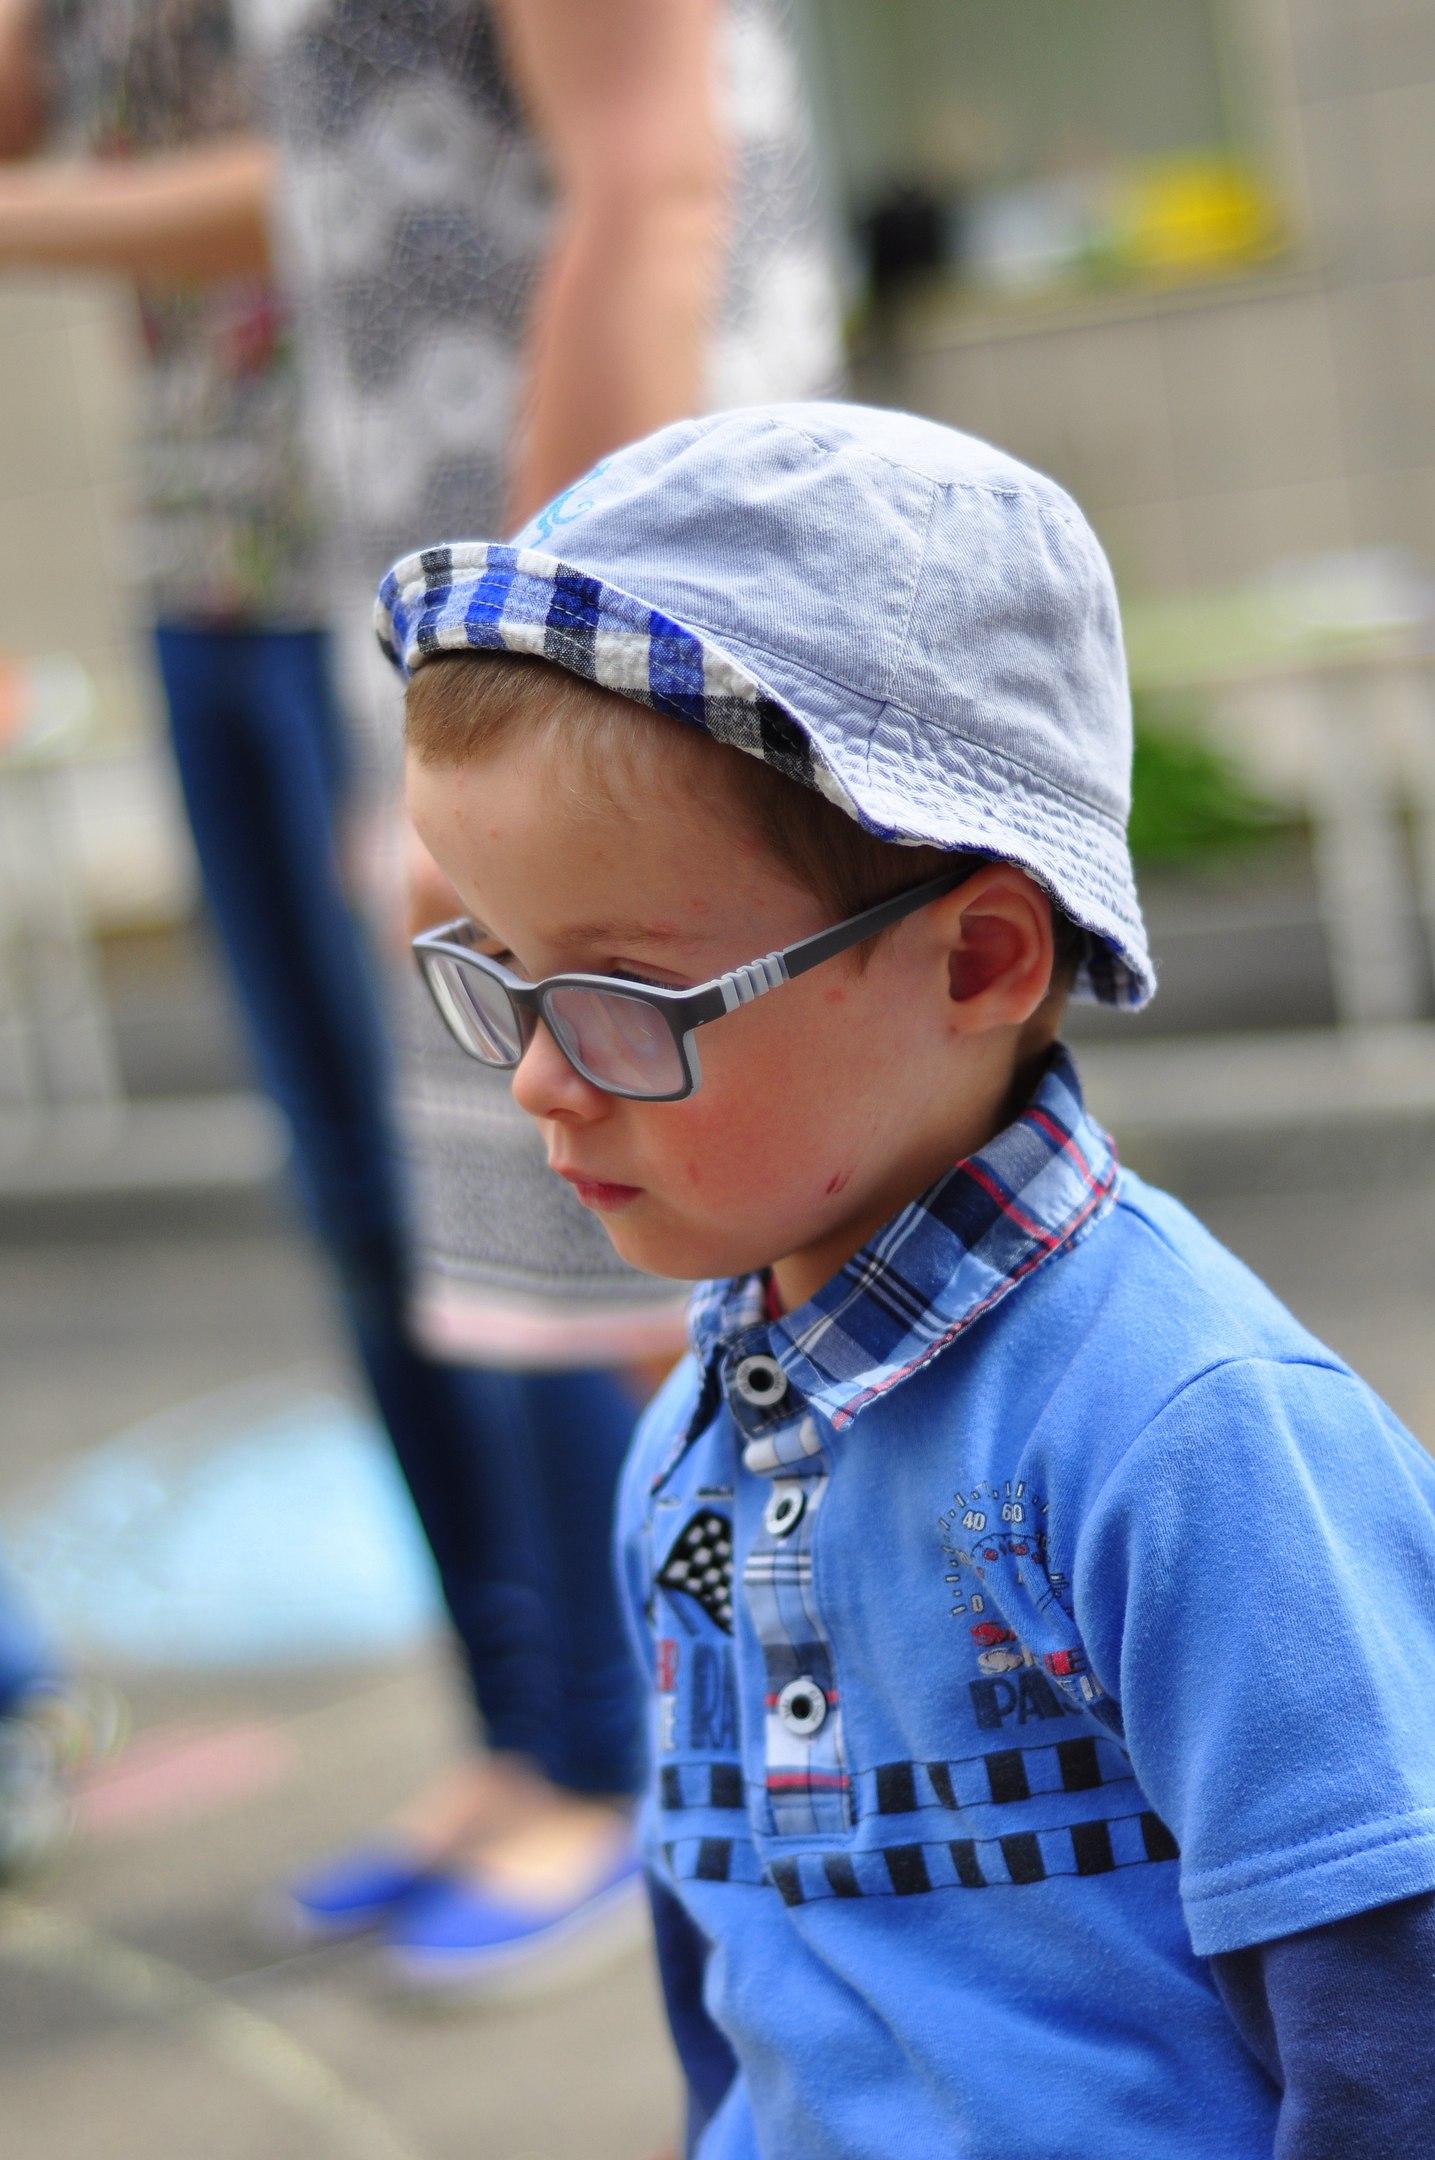 24.06.2016, вып. в Лесовичке, фото О. Сидяковой, 42